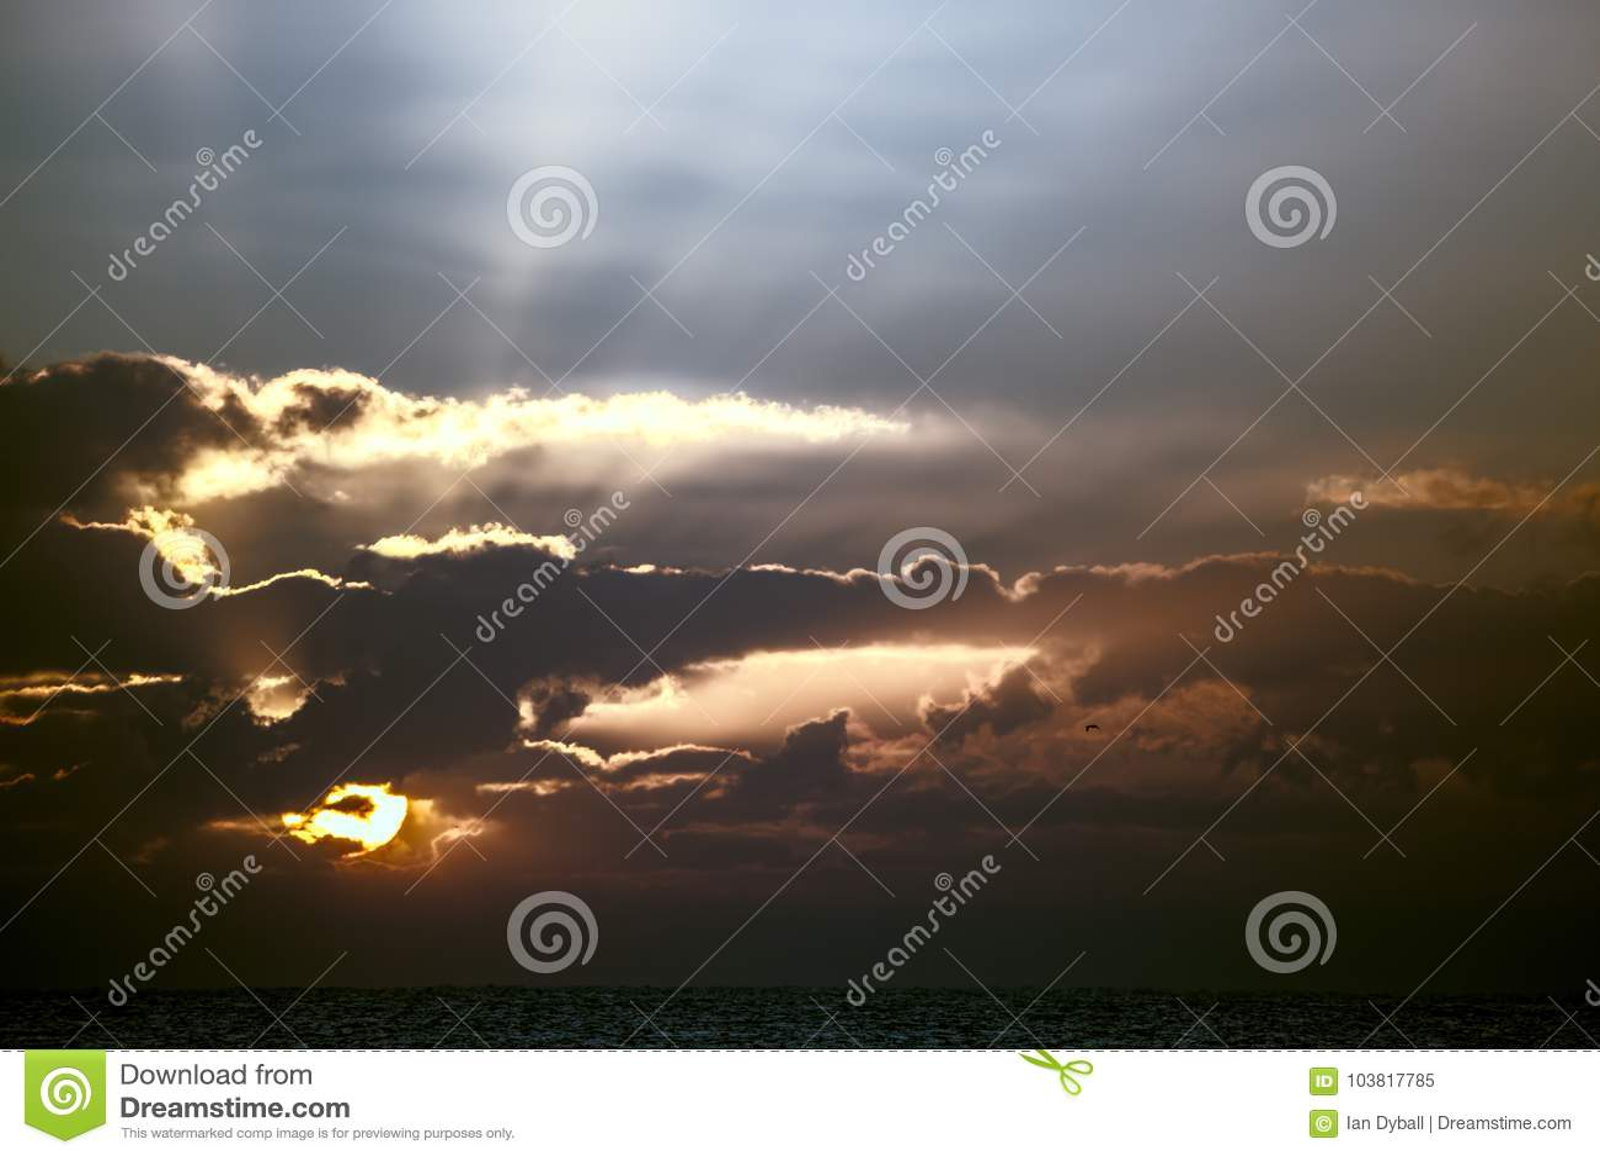 Réveil Image spirituelle douce de lever de soleil ou de coucher du soleil au-dessus de tropique